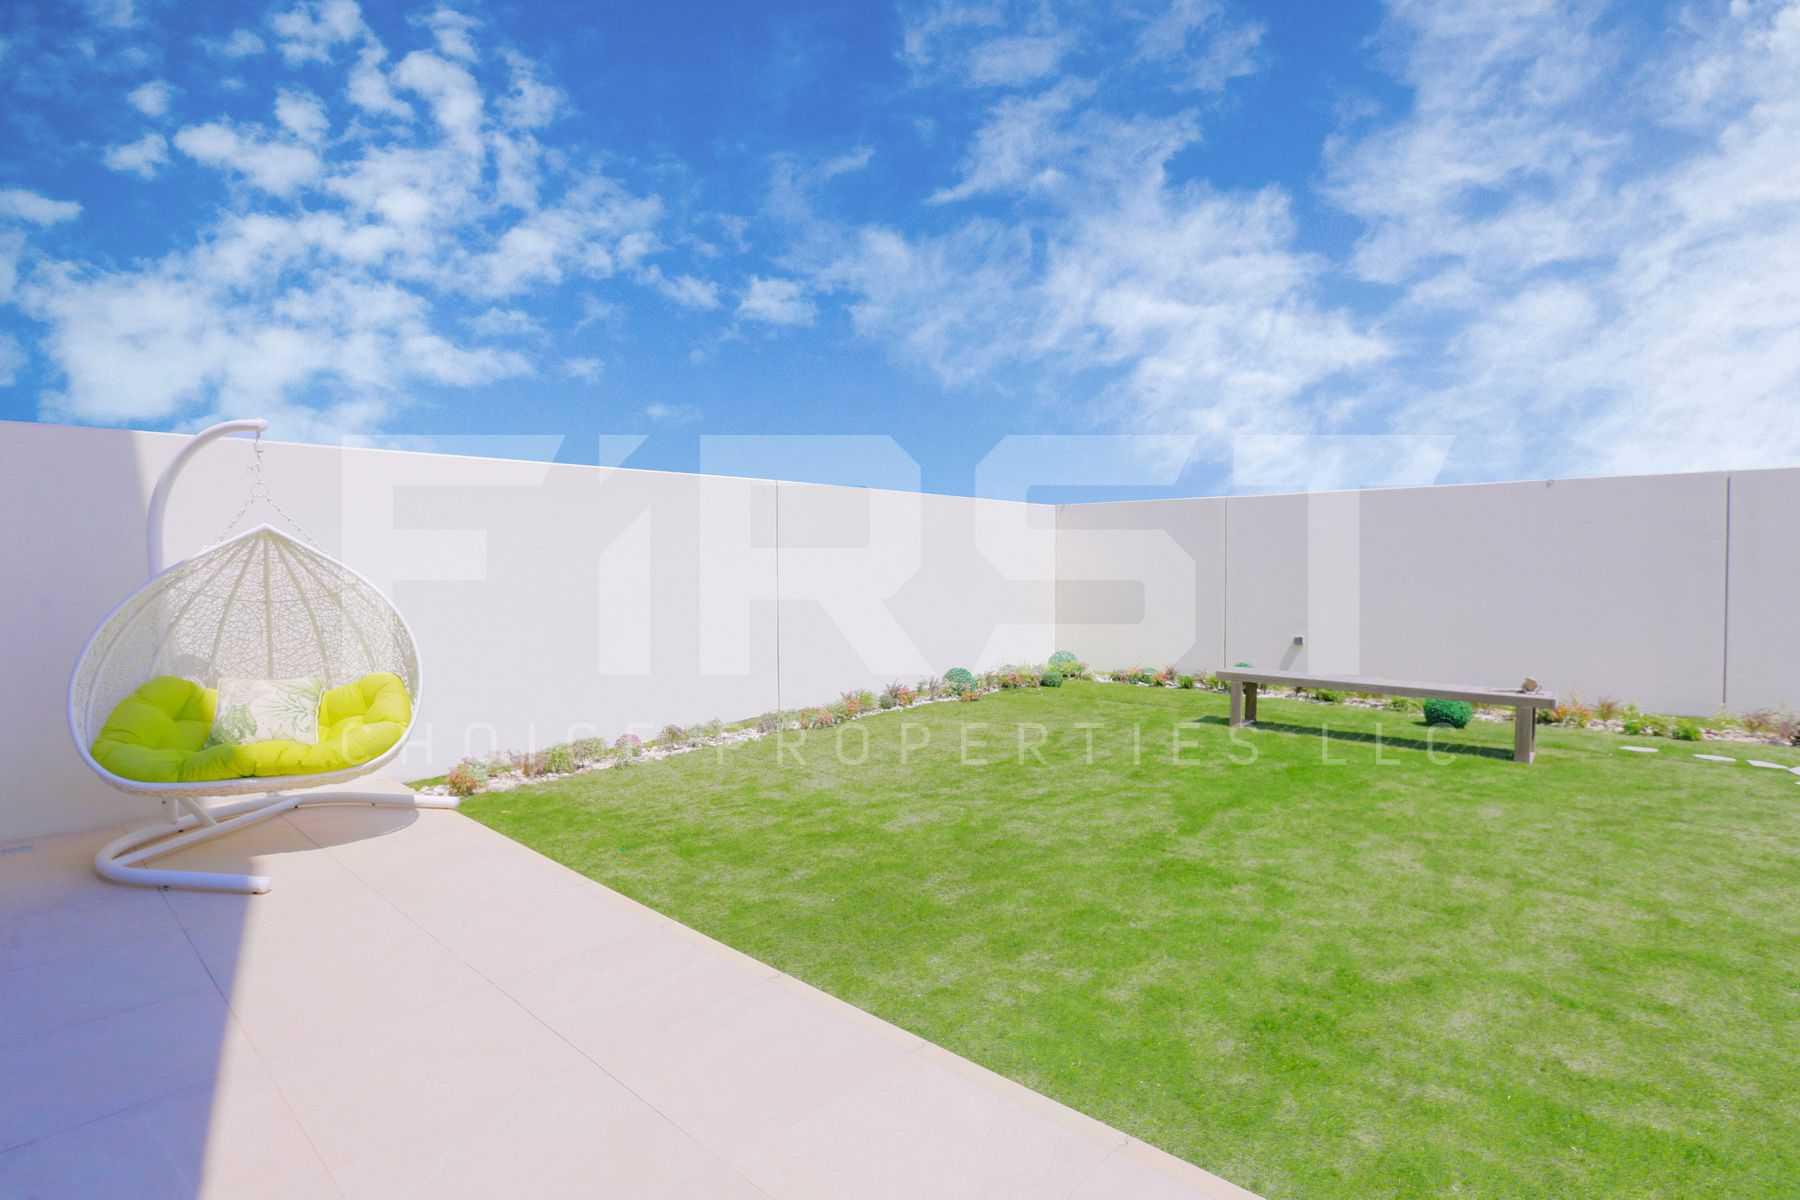 External Photo of 3 Bedroom Townhouse Type 3EA in Yas Acres Yas Island Abu Dhabi UAE (2).jpg